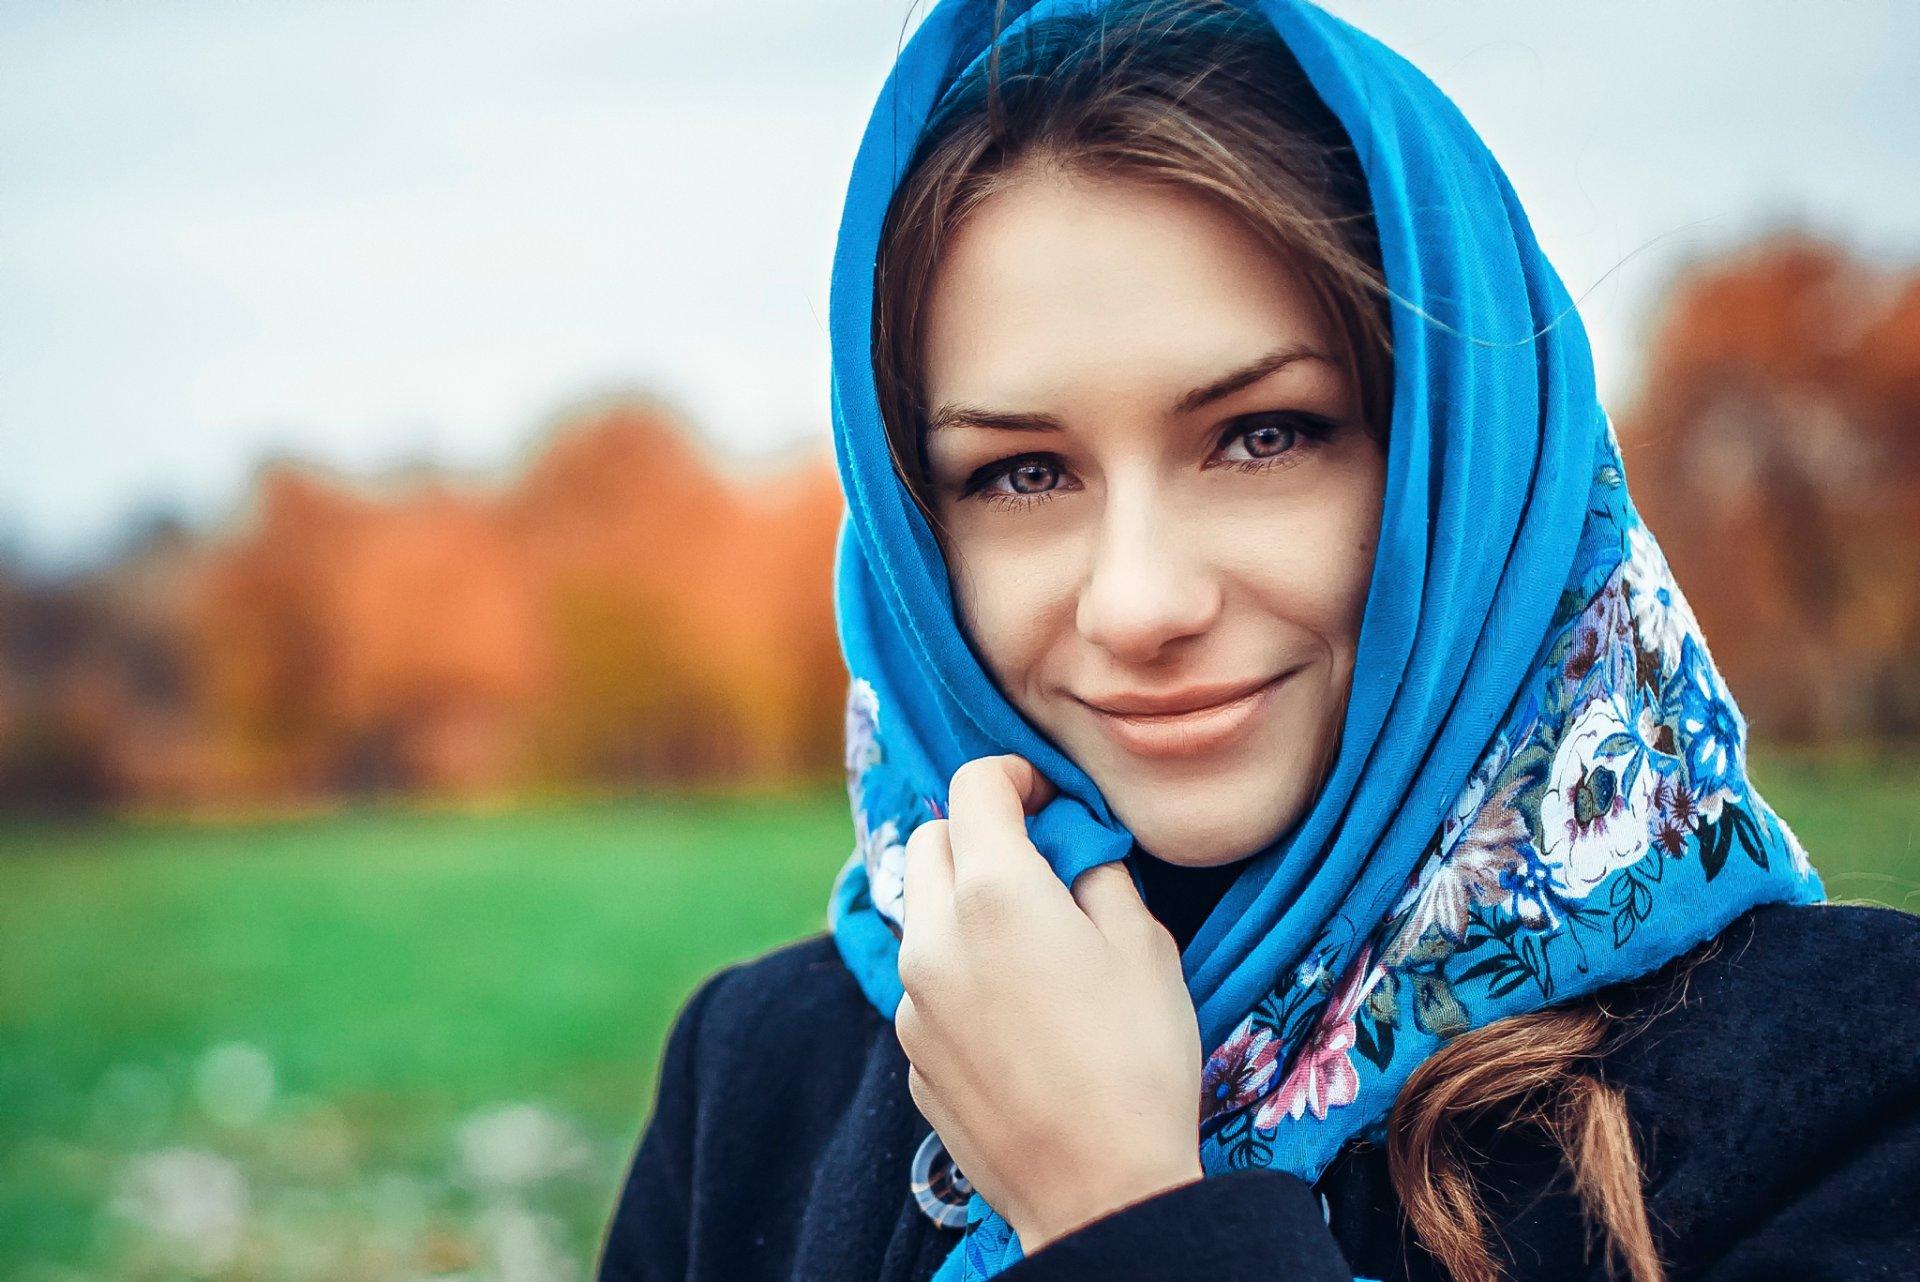 широкий размах русской девушки - 2